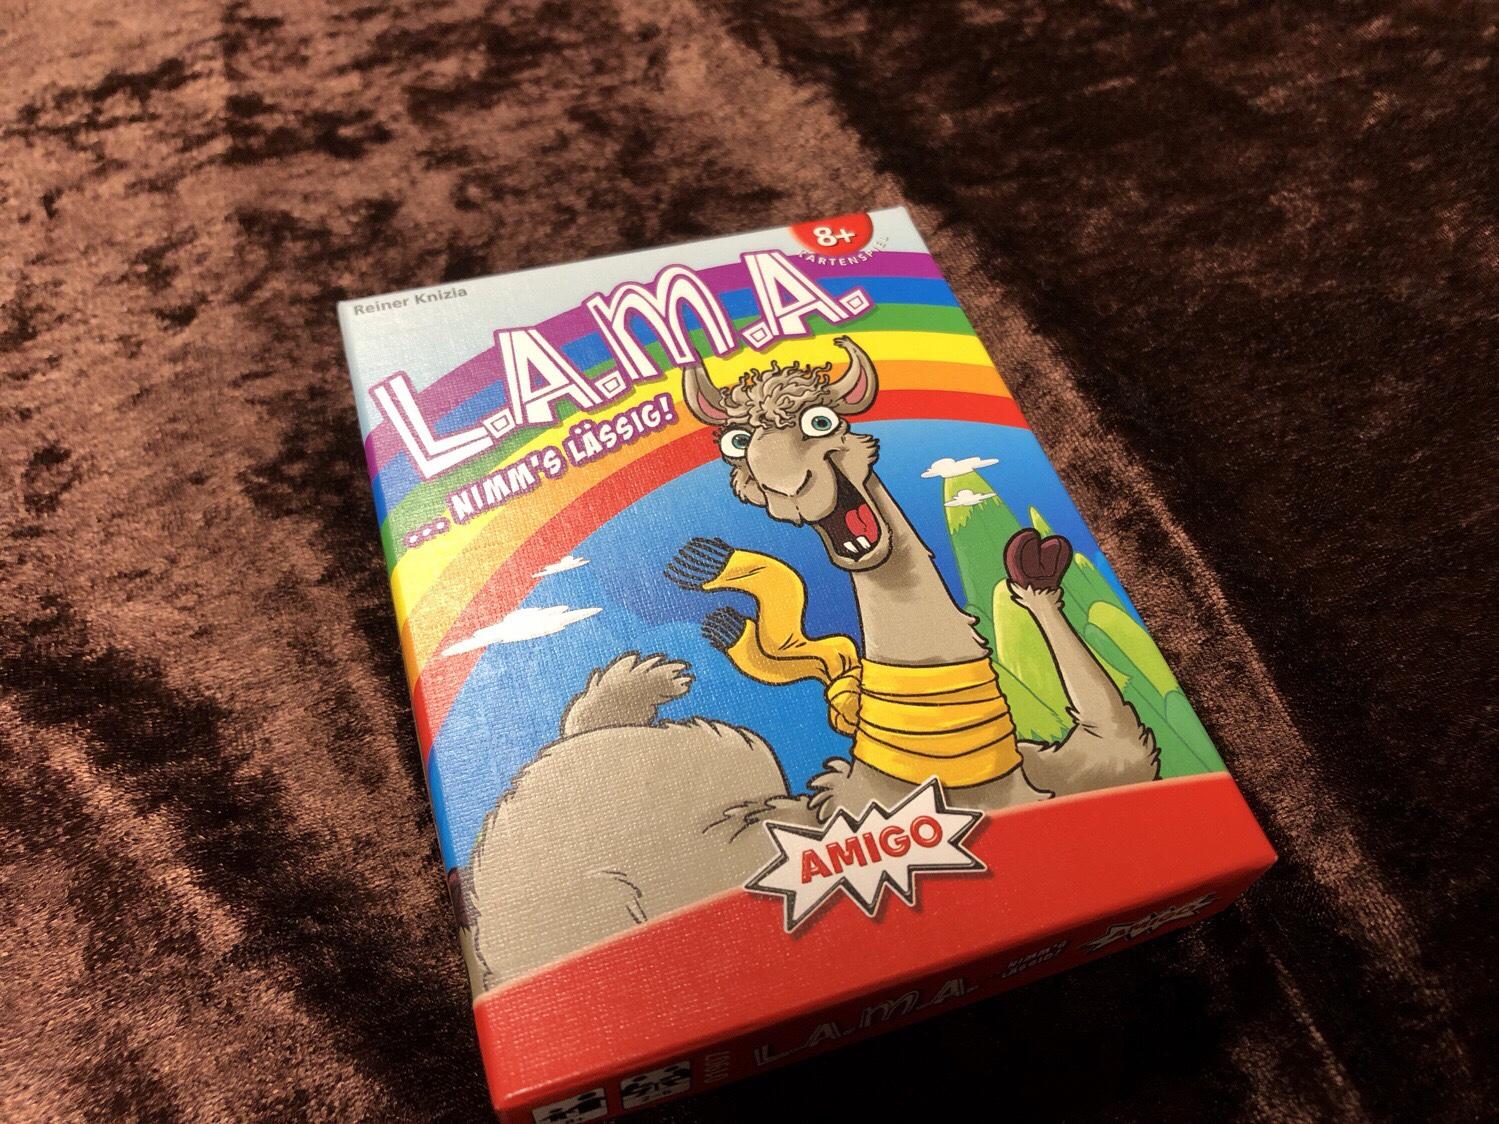 ラマ(L.A.M.A.)のボックスアート